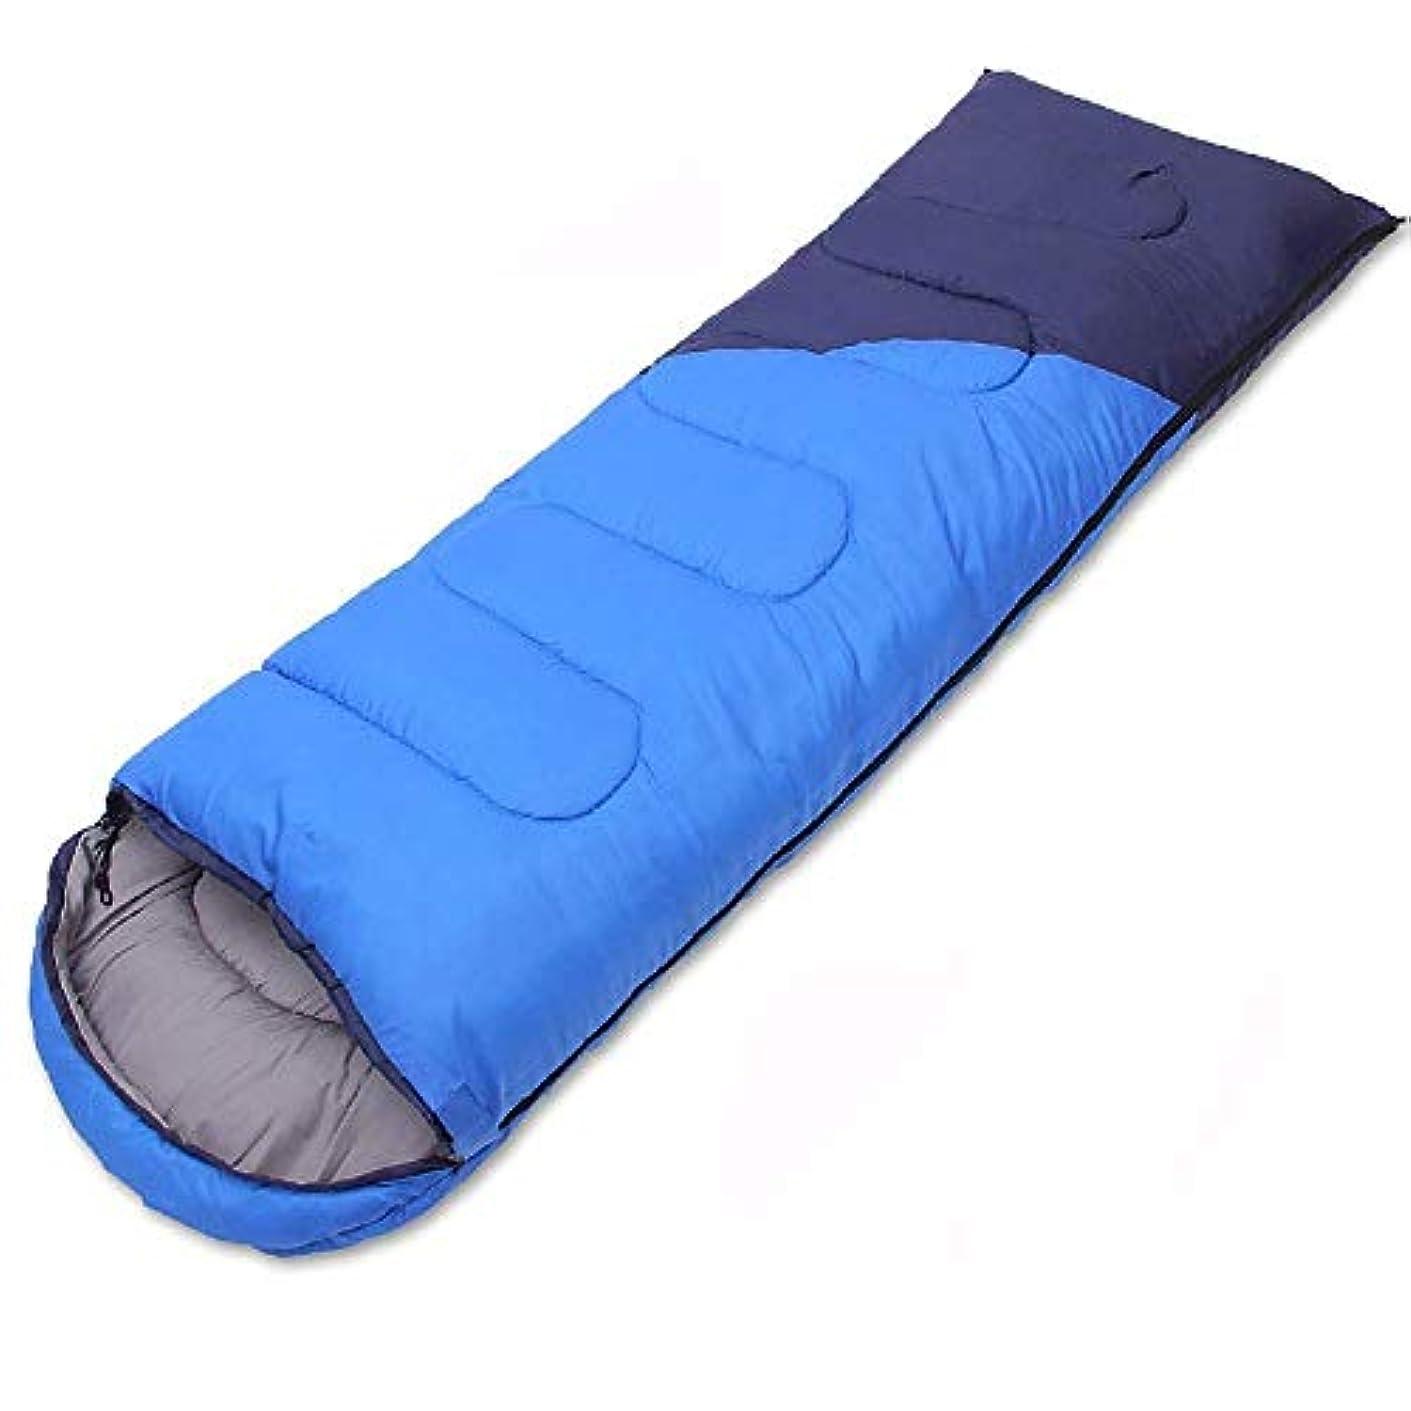 心臓ドライバクリケット軽量大人キャンプ寝袋暖かい防水4シーズン封筒寝袋旅行用ハイキング屋内野外活動ブルー